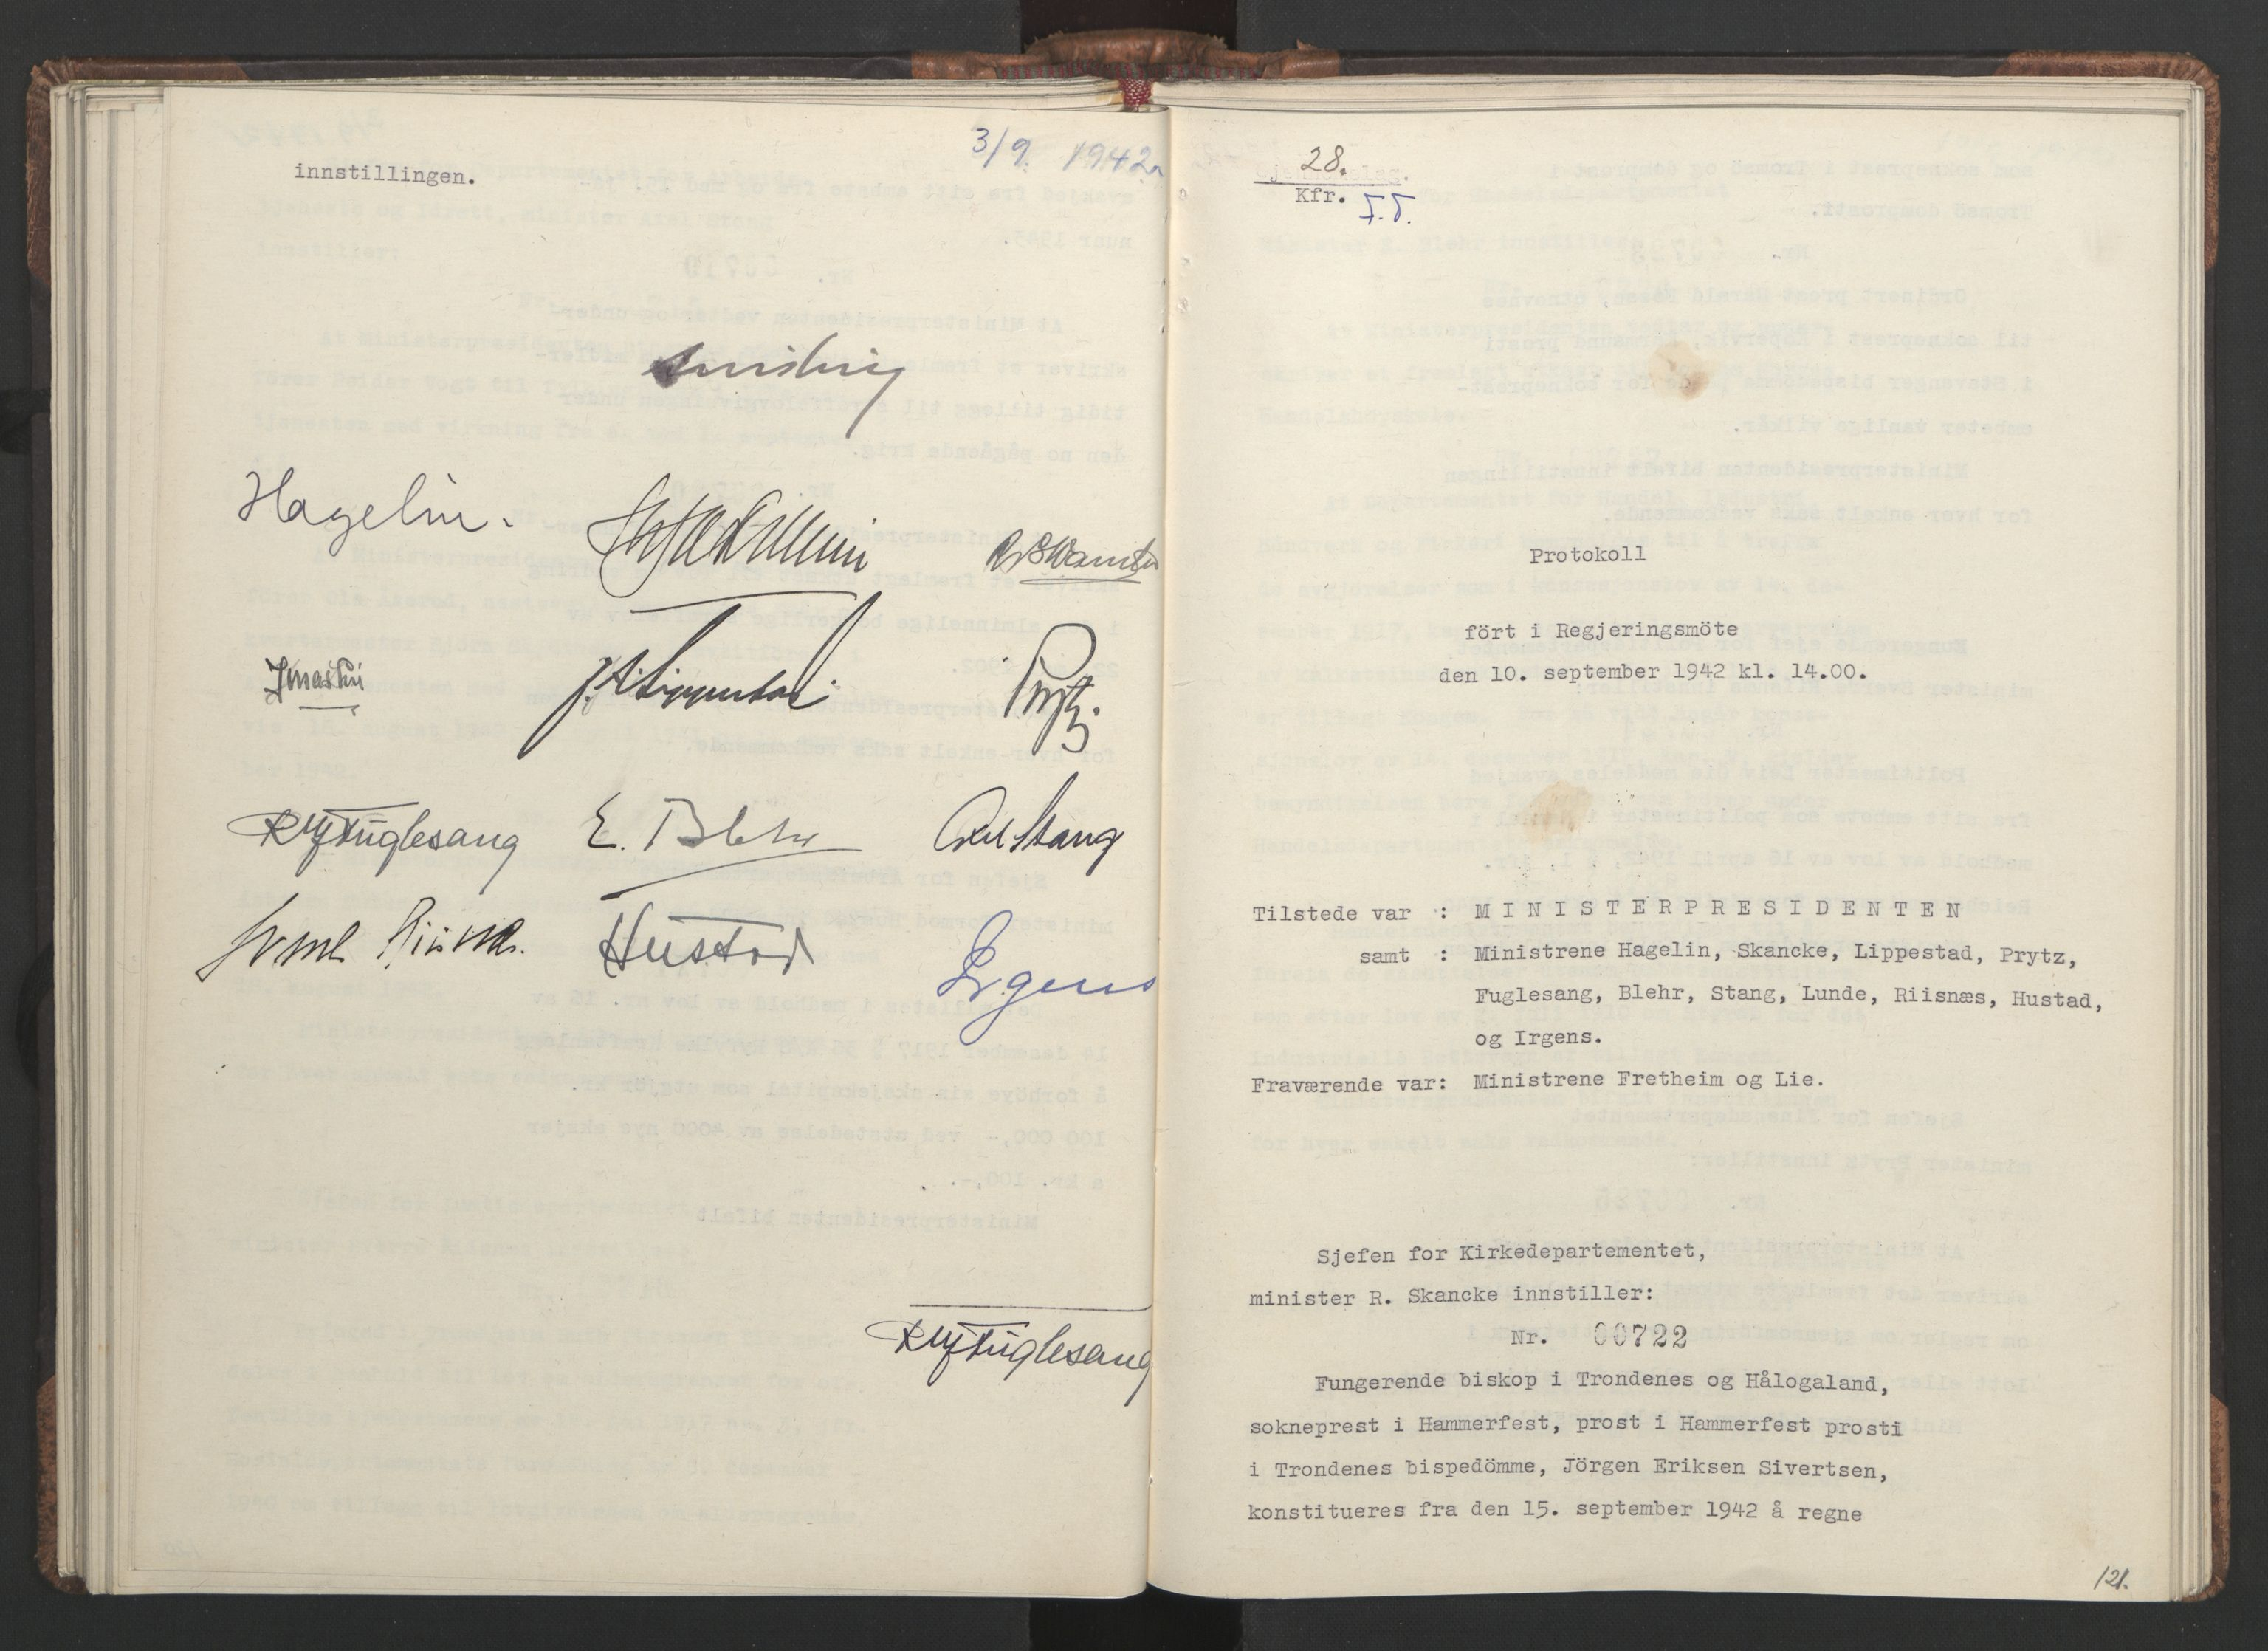 RA, NS-administrasjonen 1940-1945 (Statsrådsekretariatet, de kommisariske statsråder mm), D/Da/L0001: Beslutninger og tillegg (1-952 og 1-32), 1942, s. 120b-121a